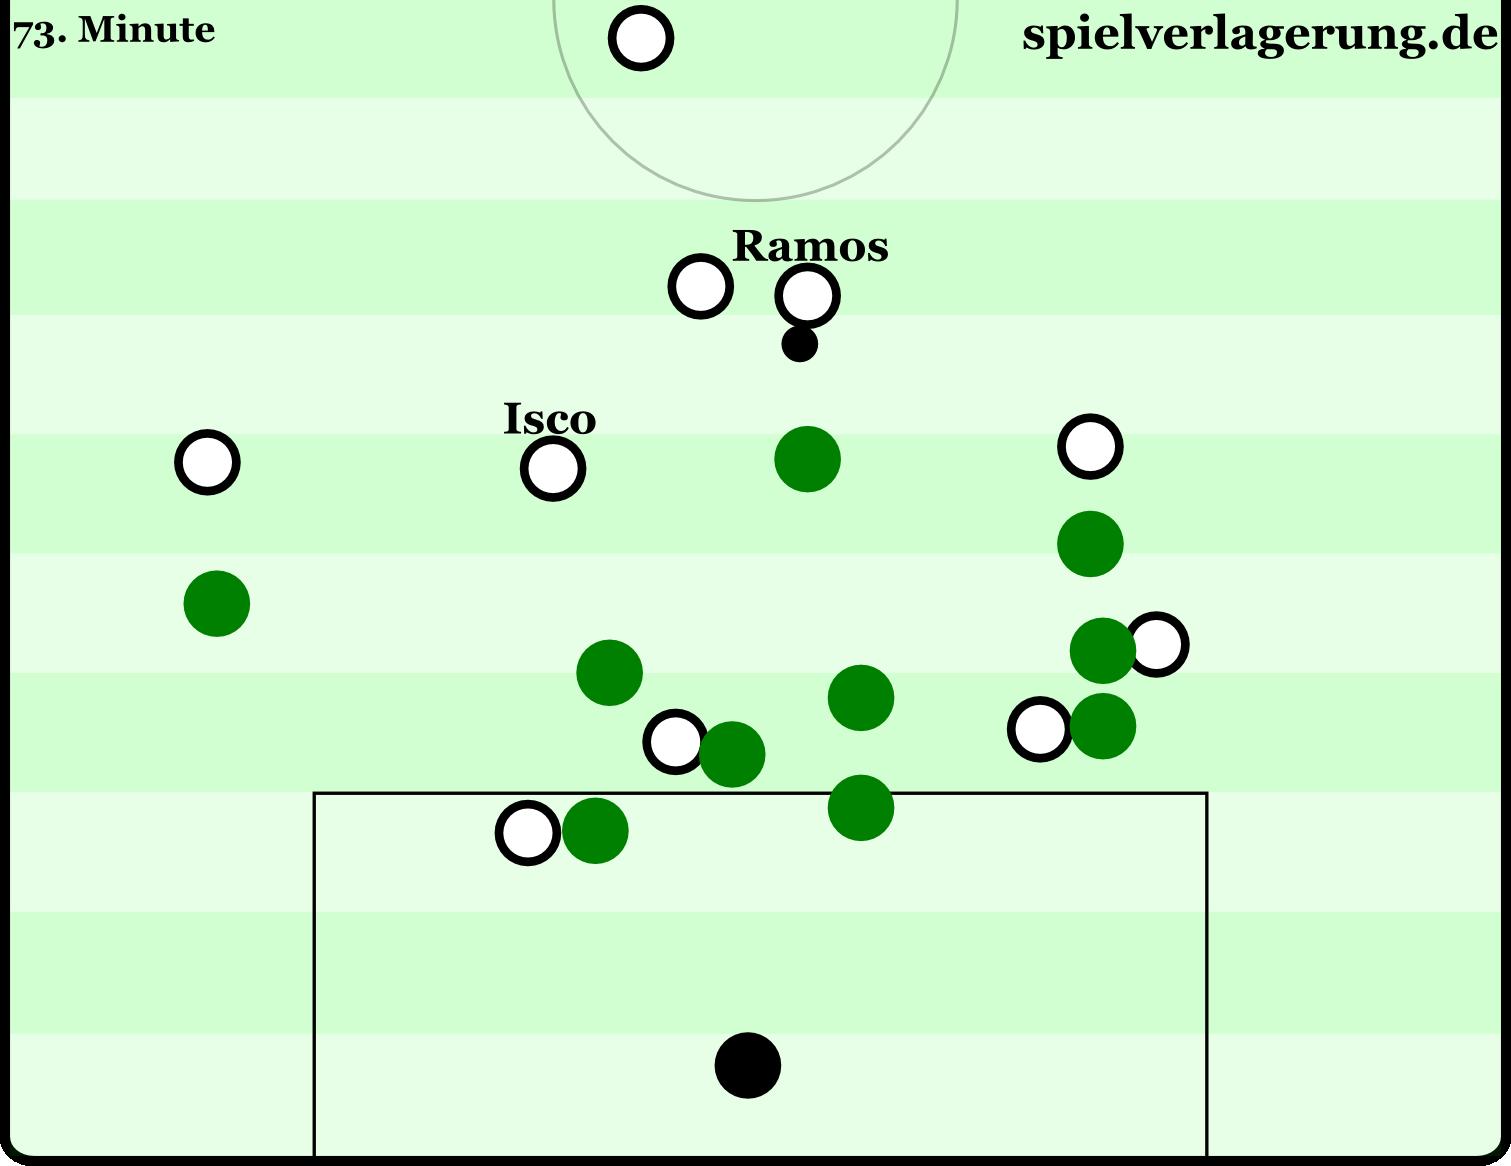 Eine der besten Szenen Reals: Von links aus spielten sie den Ball zurück zu Ramos, der weit aufgerückt war. Wolfsburg steht extrem umkompakt und unsortiert, Isco is völlig frei im rechten Halbraum. Er spielt einen feinen Pass auf Ronaldo. Wolfsburg hatte in der Schlussphase mehr und mehr mit solch schlechten Staffelungen zu kämpfen, sicherlich auch kraftbedingt.